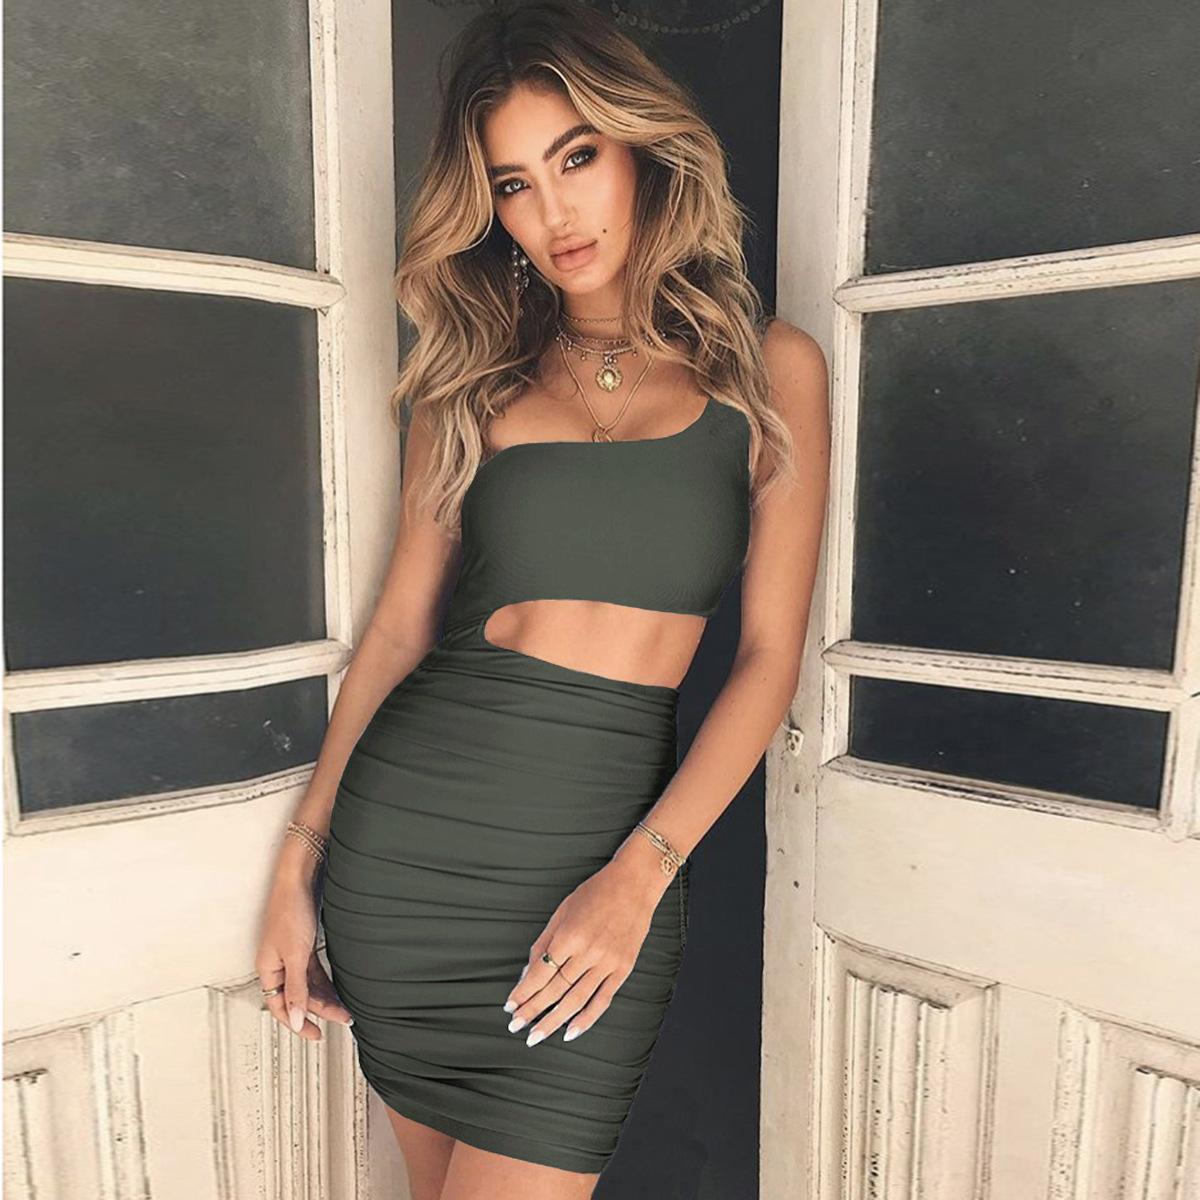 AliExpress Amazon Châu Âu và Hoa Kỳ Vai Hollow Gói Bất Thường hip nếp gấp Bra dress Tinh Khiết màu thanh niên váy